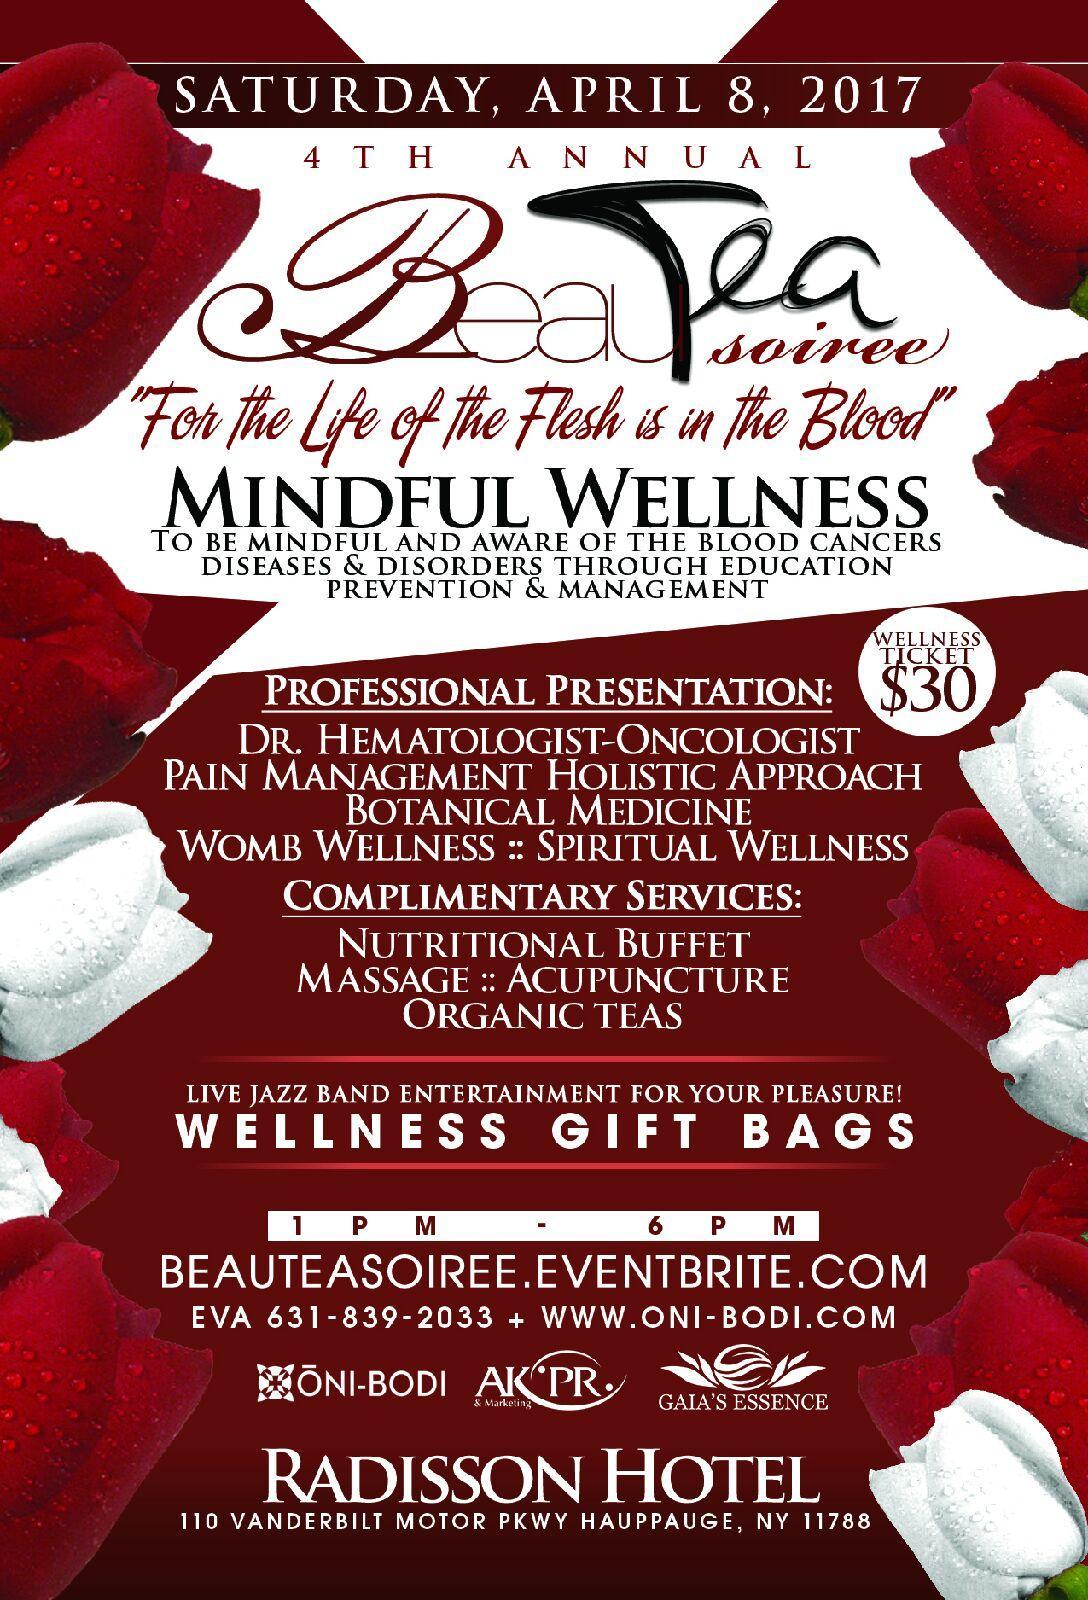 BeauTea Soiree Wellness 4th Annual